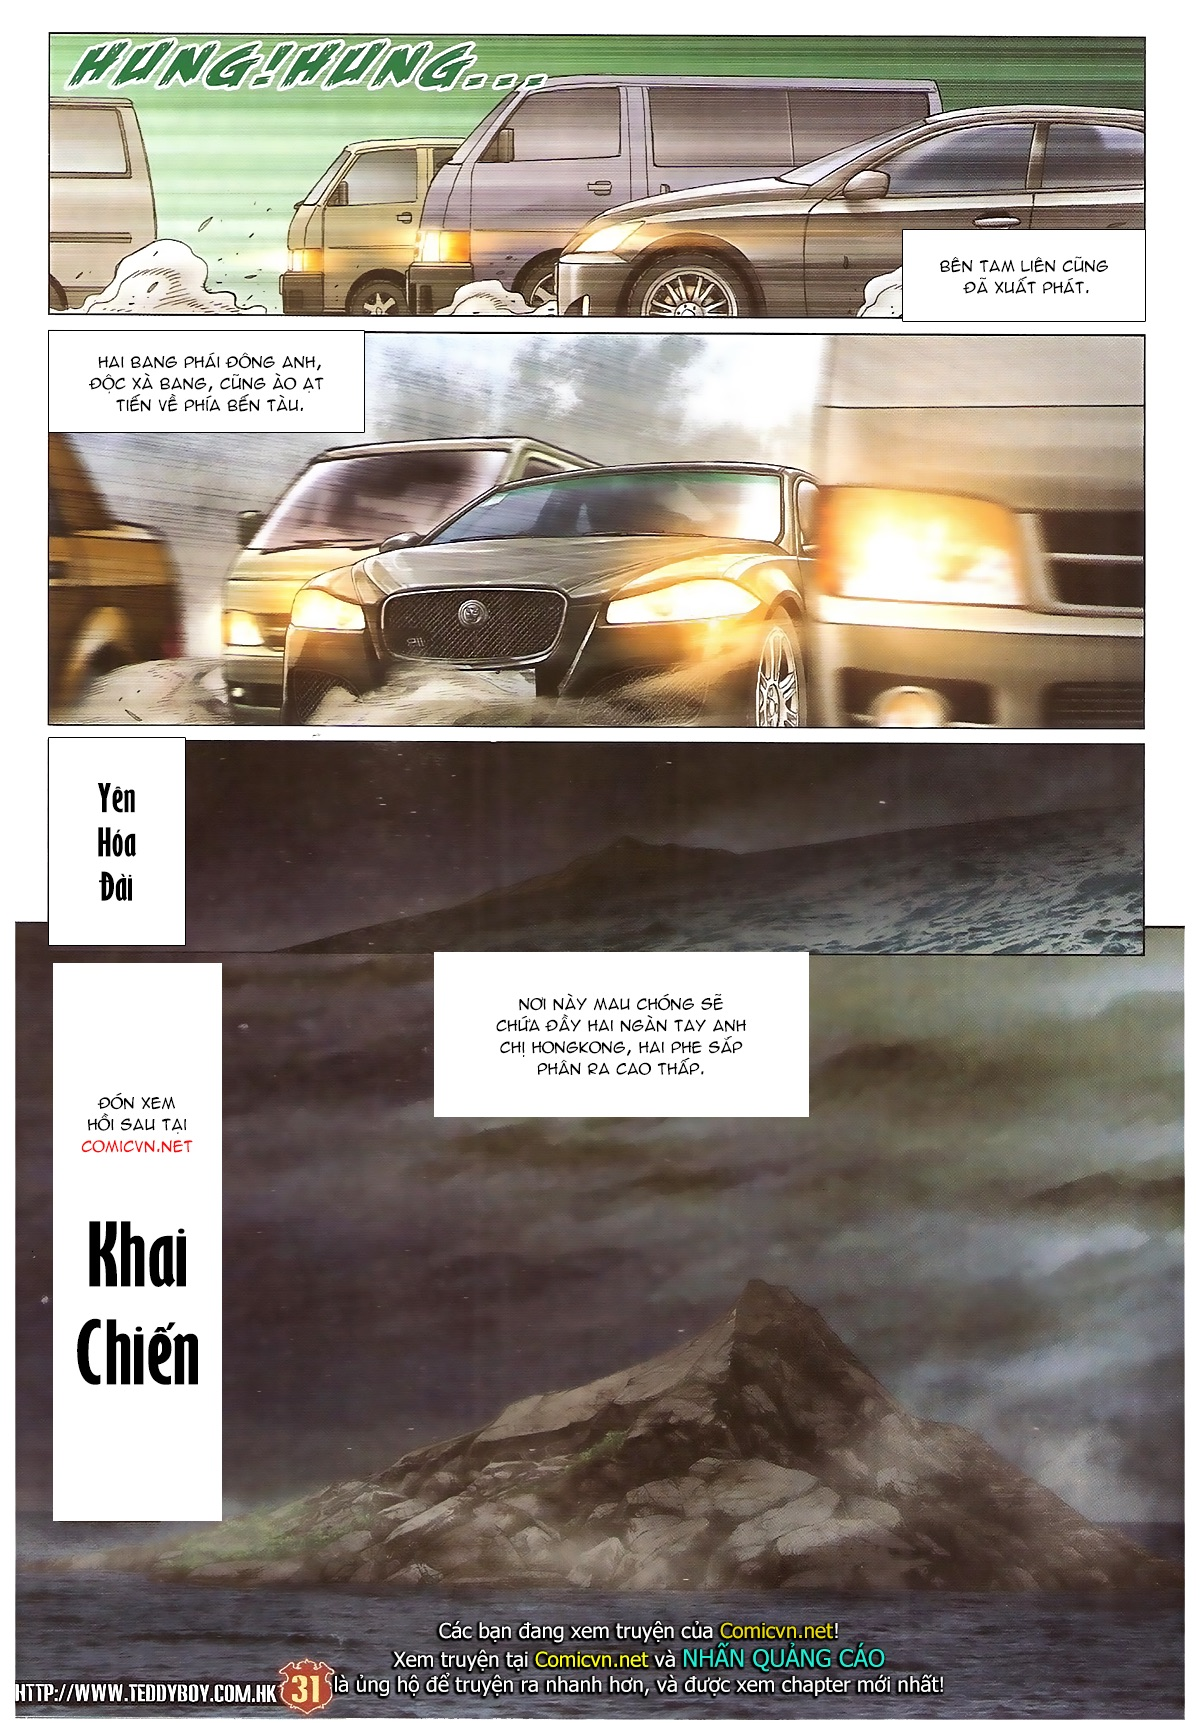 Người Trong Giang Hồ RAW Chương 1828 - NhoTruyen.Net